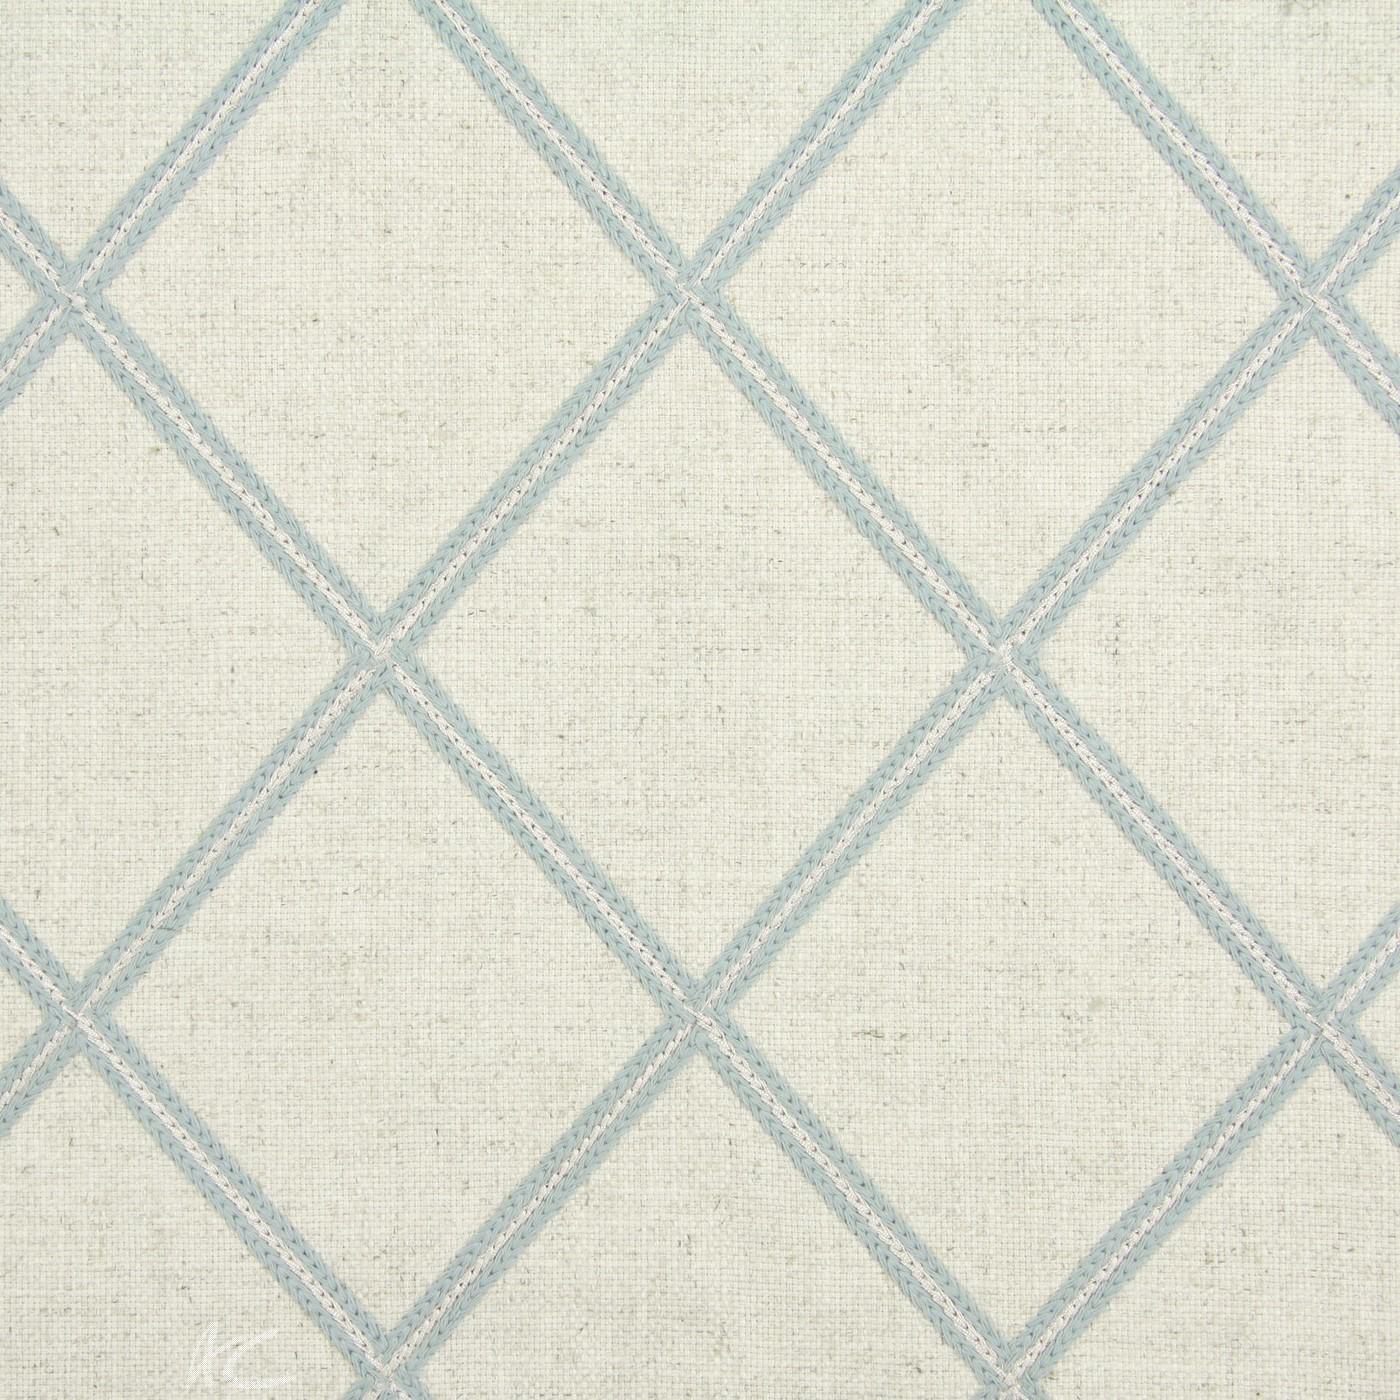 Prestigious Textiles Andiamo Lorenza Spearmint Made to Measure Curtains